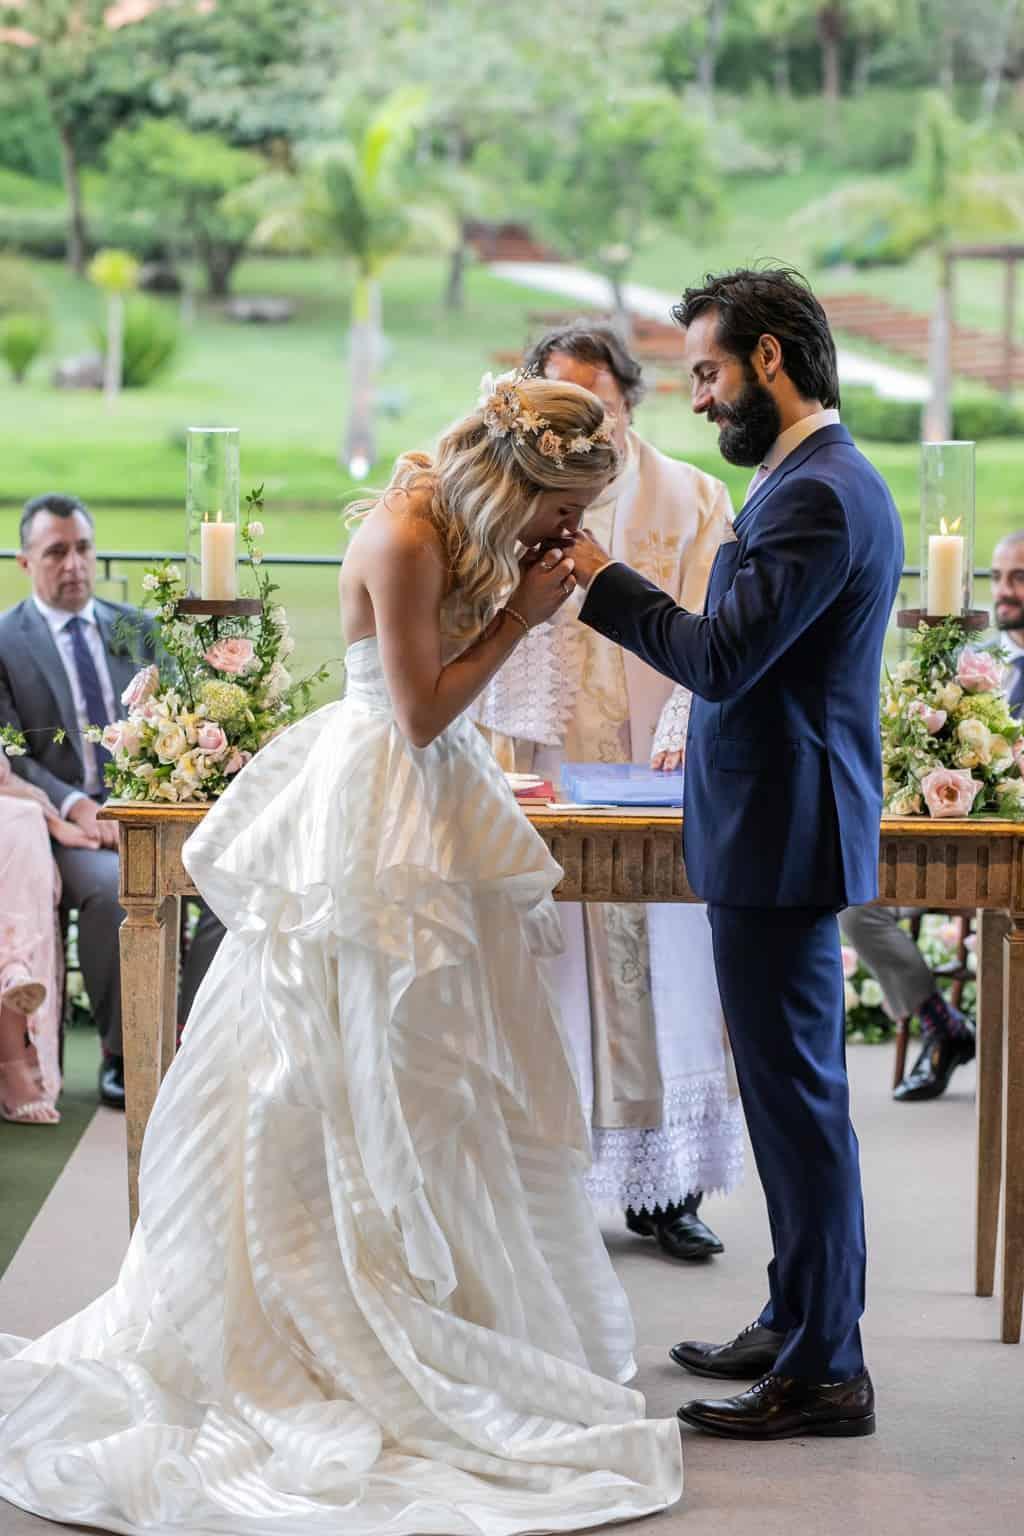 Casamento-Milene-e-Leonardo-cerimonia-ao-ar-livre-decoracao-da-festa-Roberto-Tamer-terras-claras188